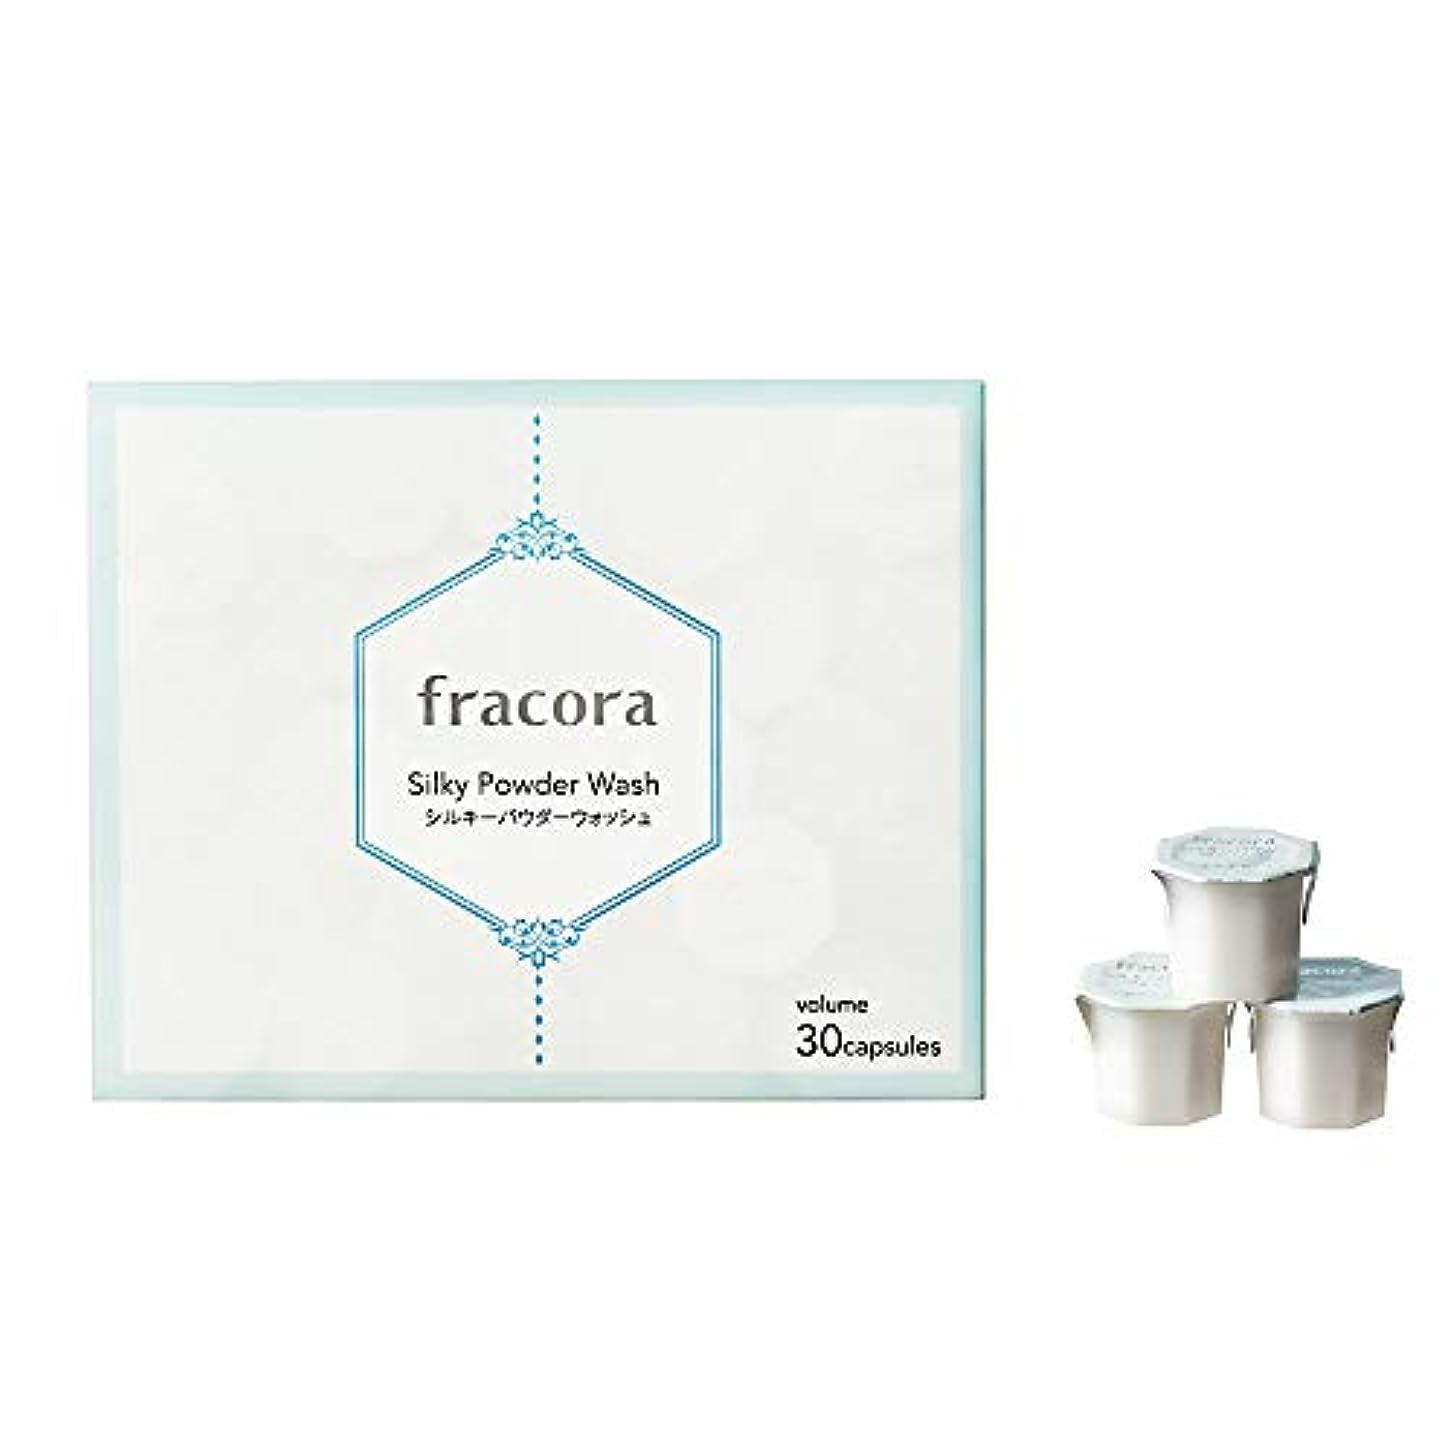 動作茎真っ逆さまfracora(フラコラ) 酵素洗顔 シルキーパウダーウォッシュ 30カプセル入